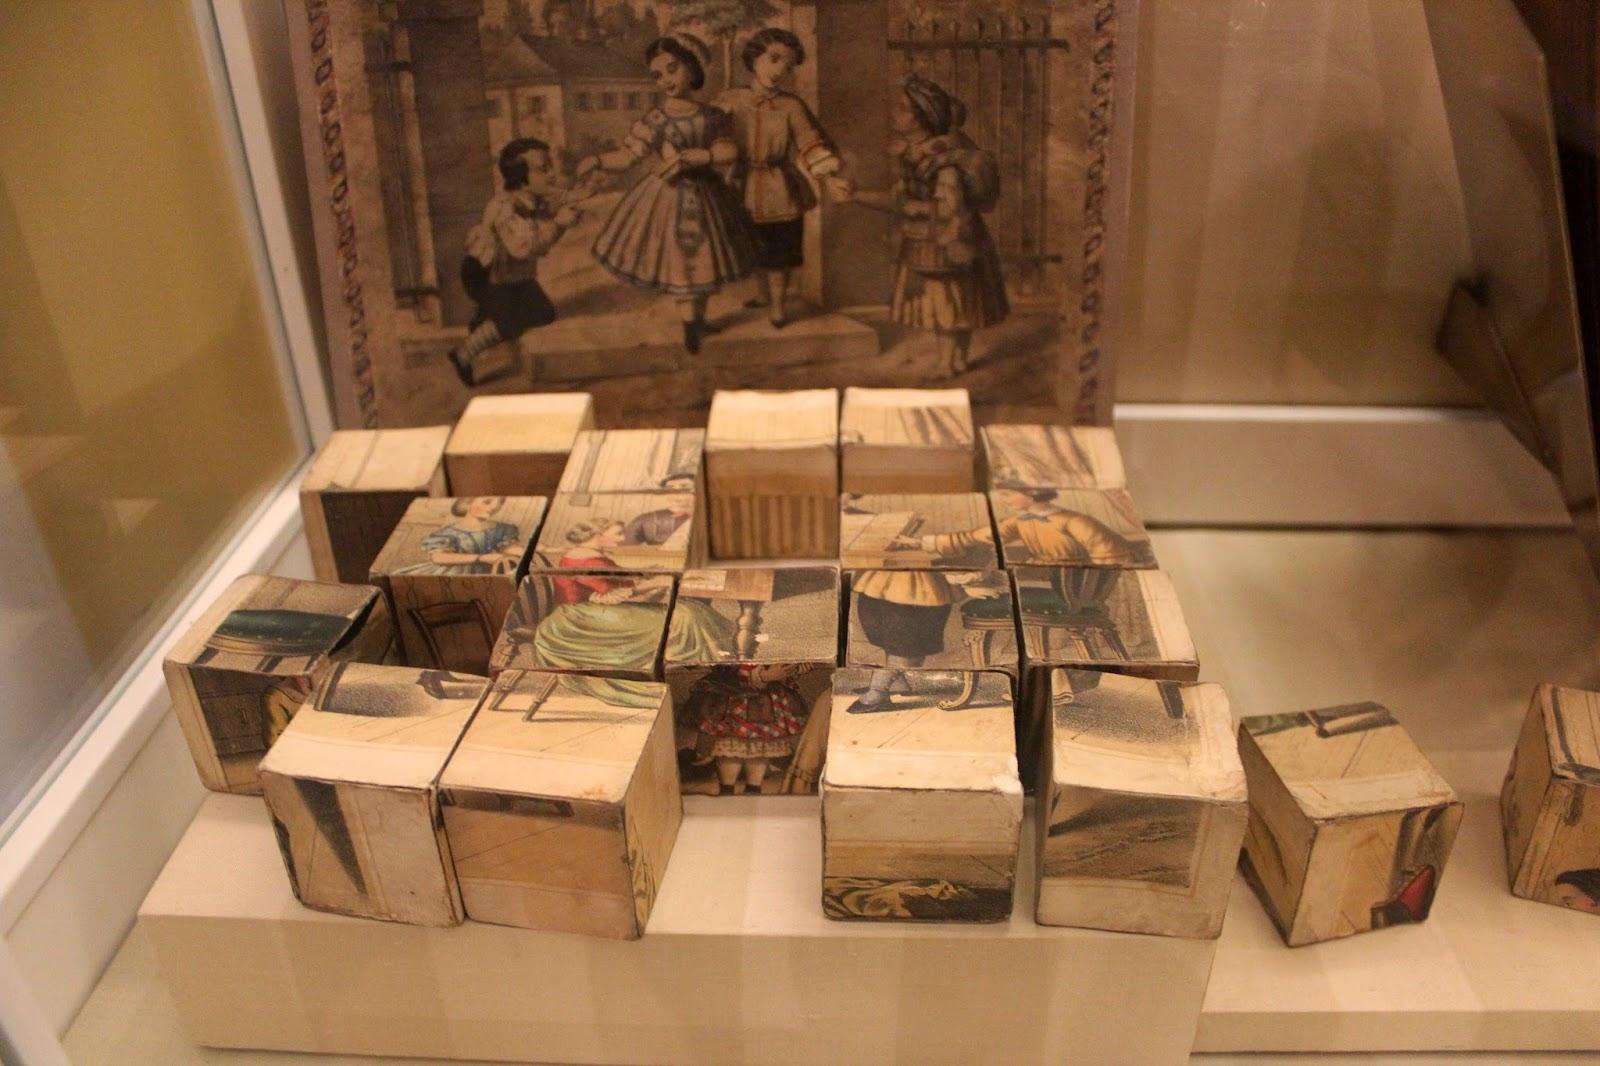 Exposición en el Museo del Romanticismo en Madrid